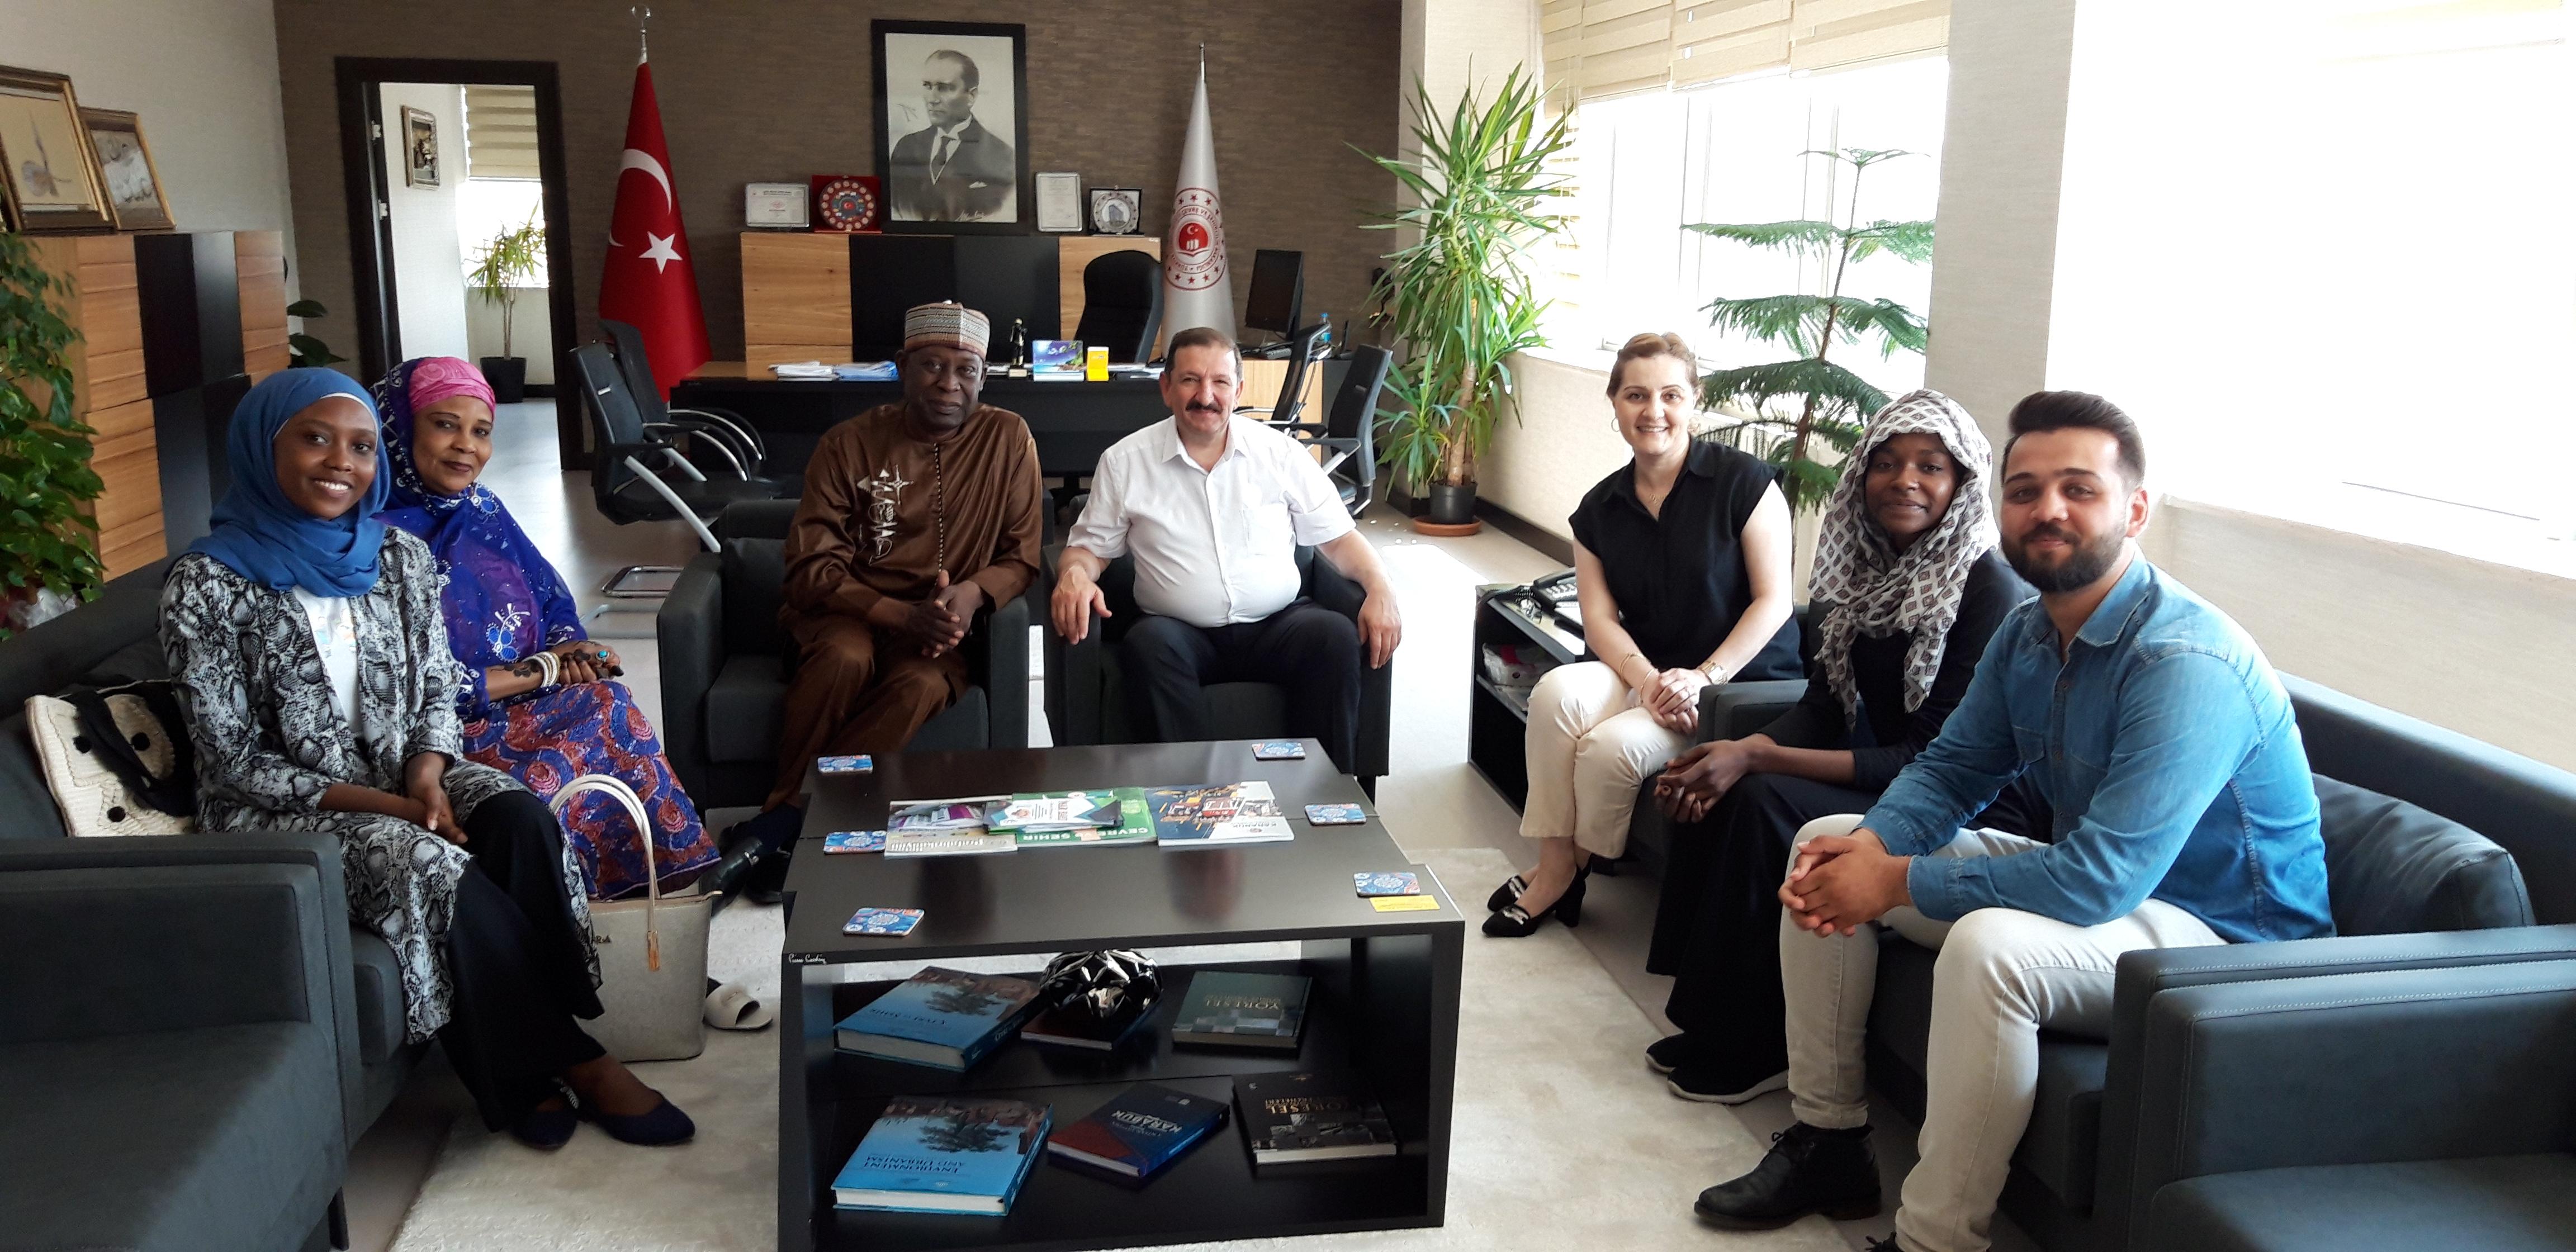 Çad Çevre Bakanı Dr. Ahmat Mbodou MAHAMAT ailesi ile birlikte Müdürlüğümüzü ziyaret etti